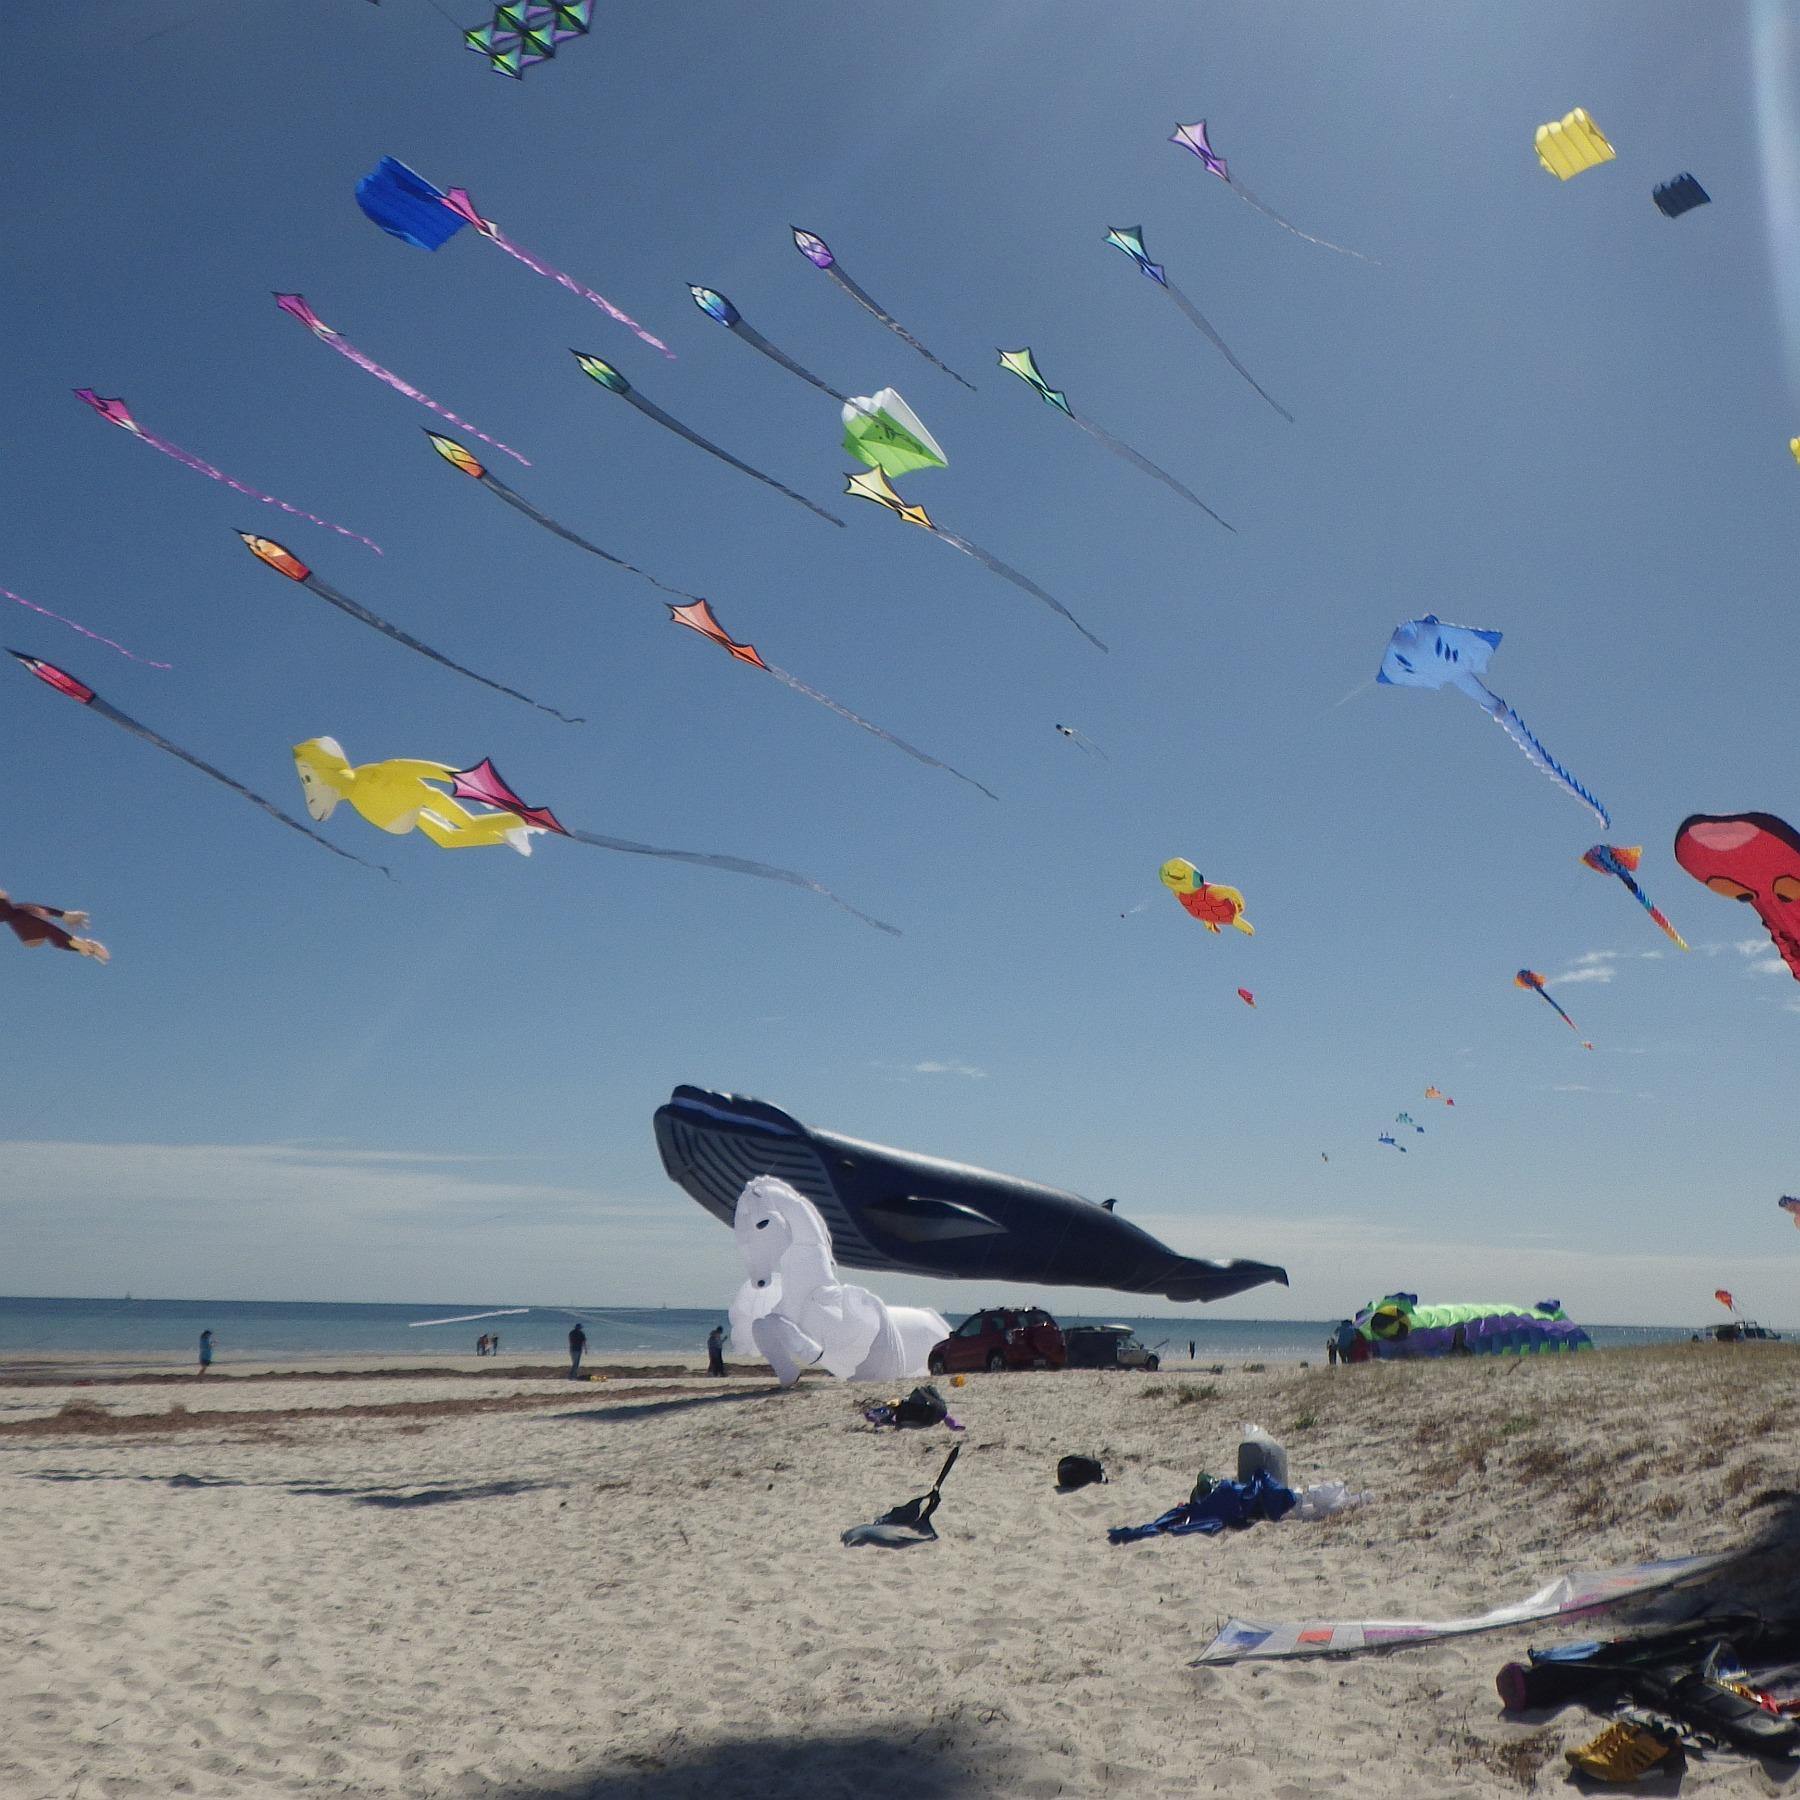 Adelaide Kite Festival 2015 Captured In Kap